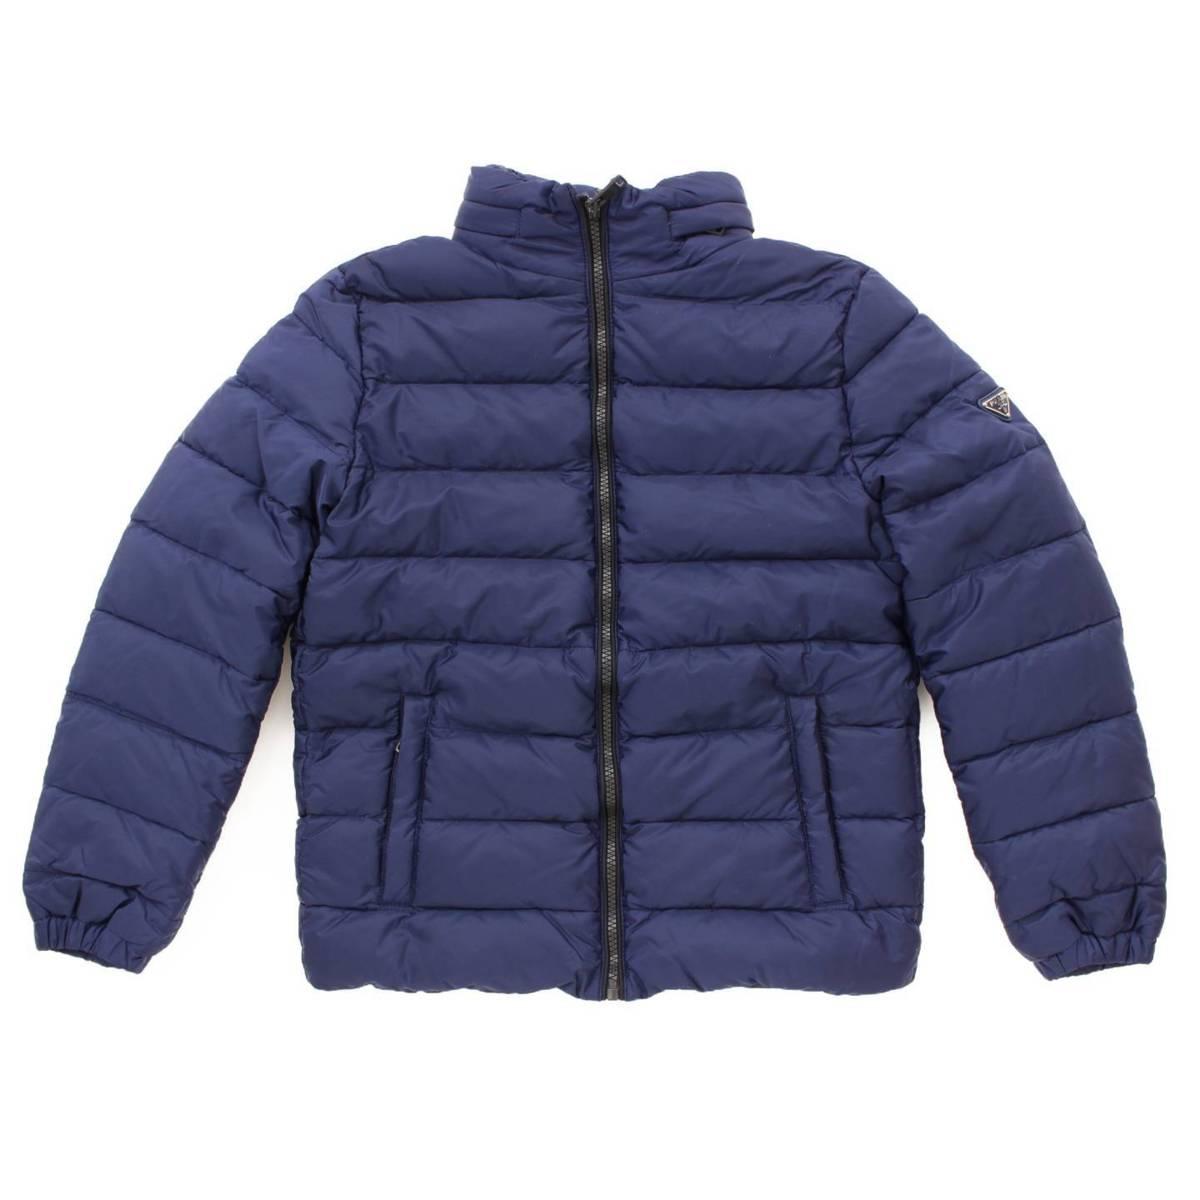 【プラダ】Prada キッズ 子供服 フード ダウン ジャケット ブルー 10 【中古】【鑑定済・正規品保証】77872